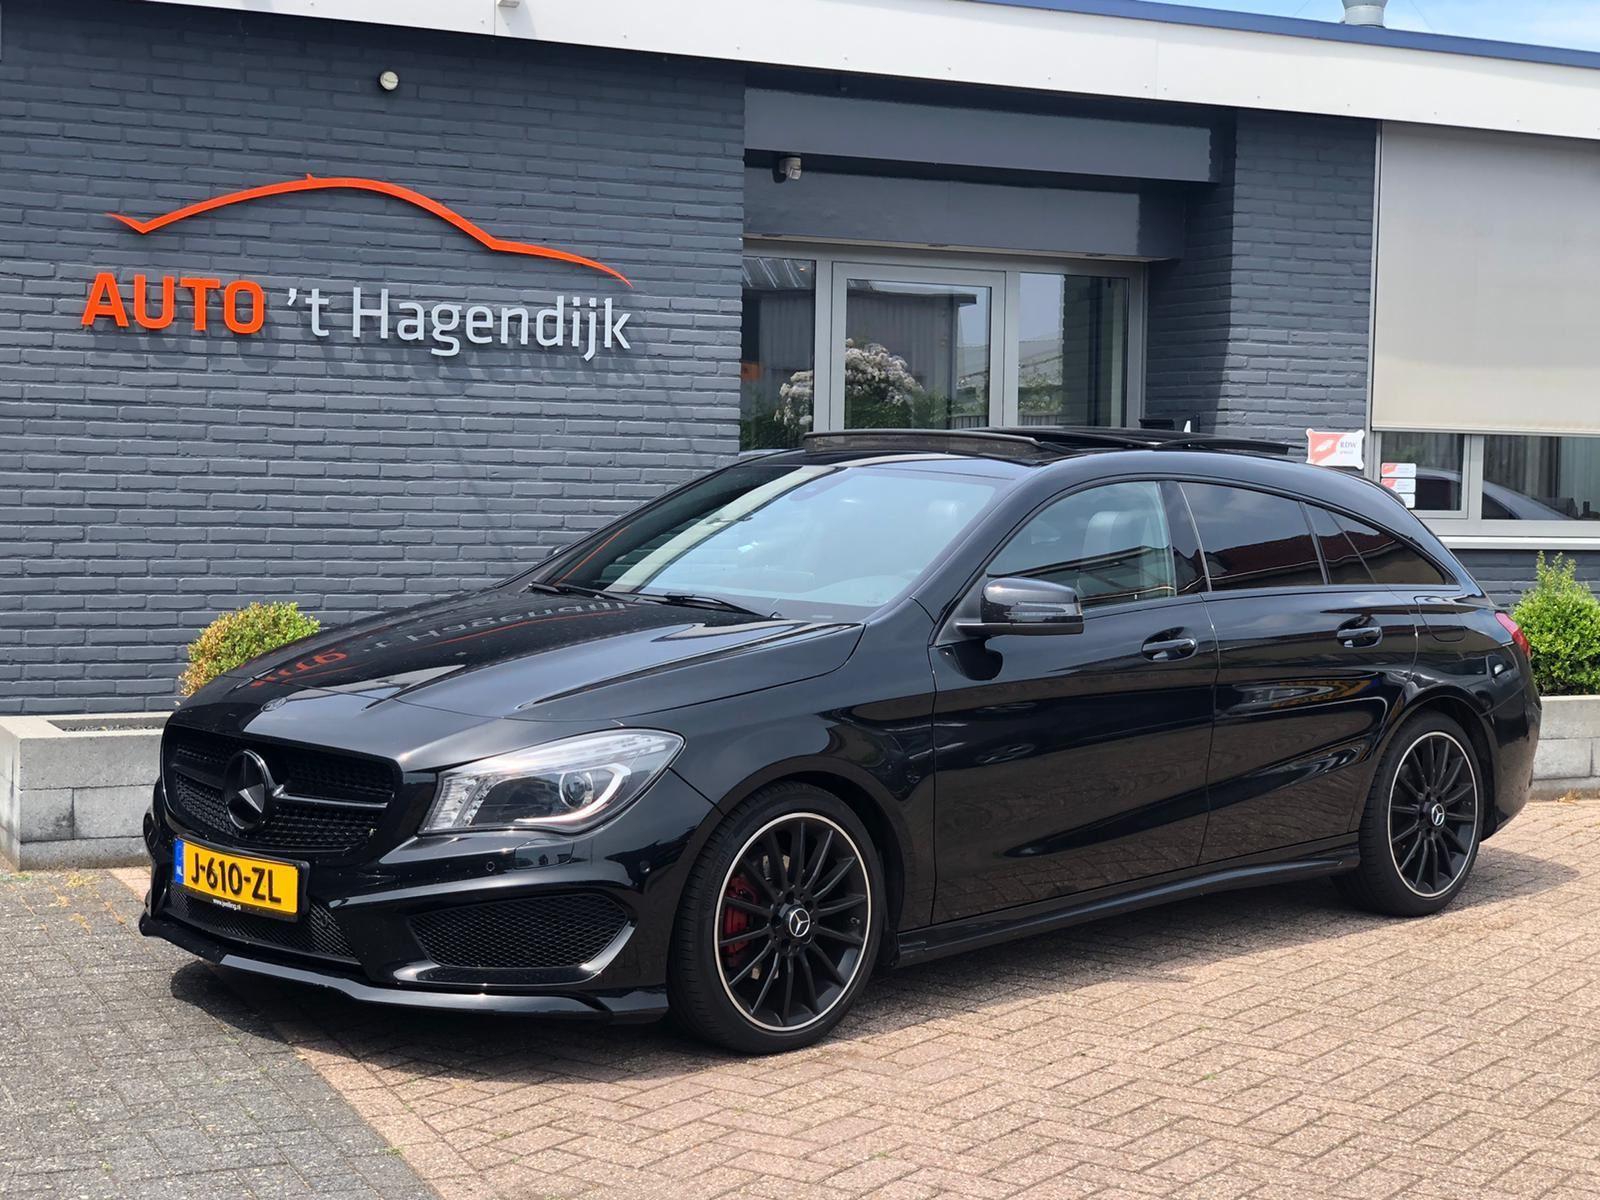 Mercedes-Benz CLA 200 Shooting Brake occasion - Auto 't Hagendijk